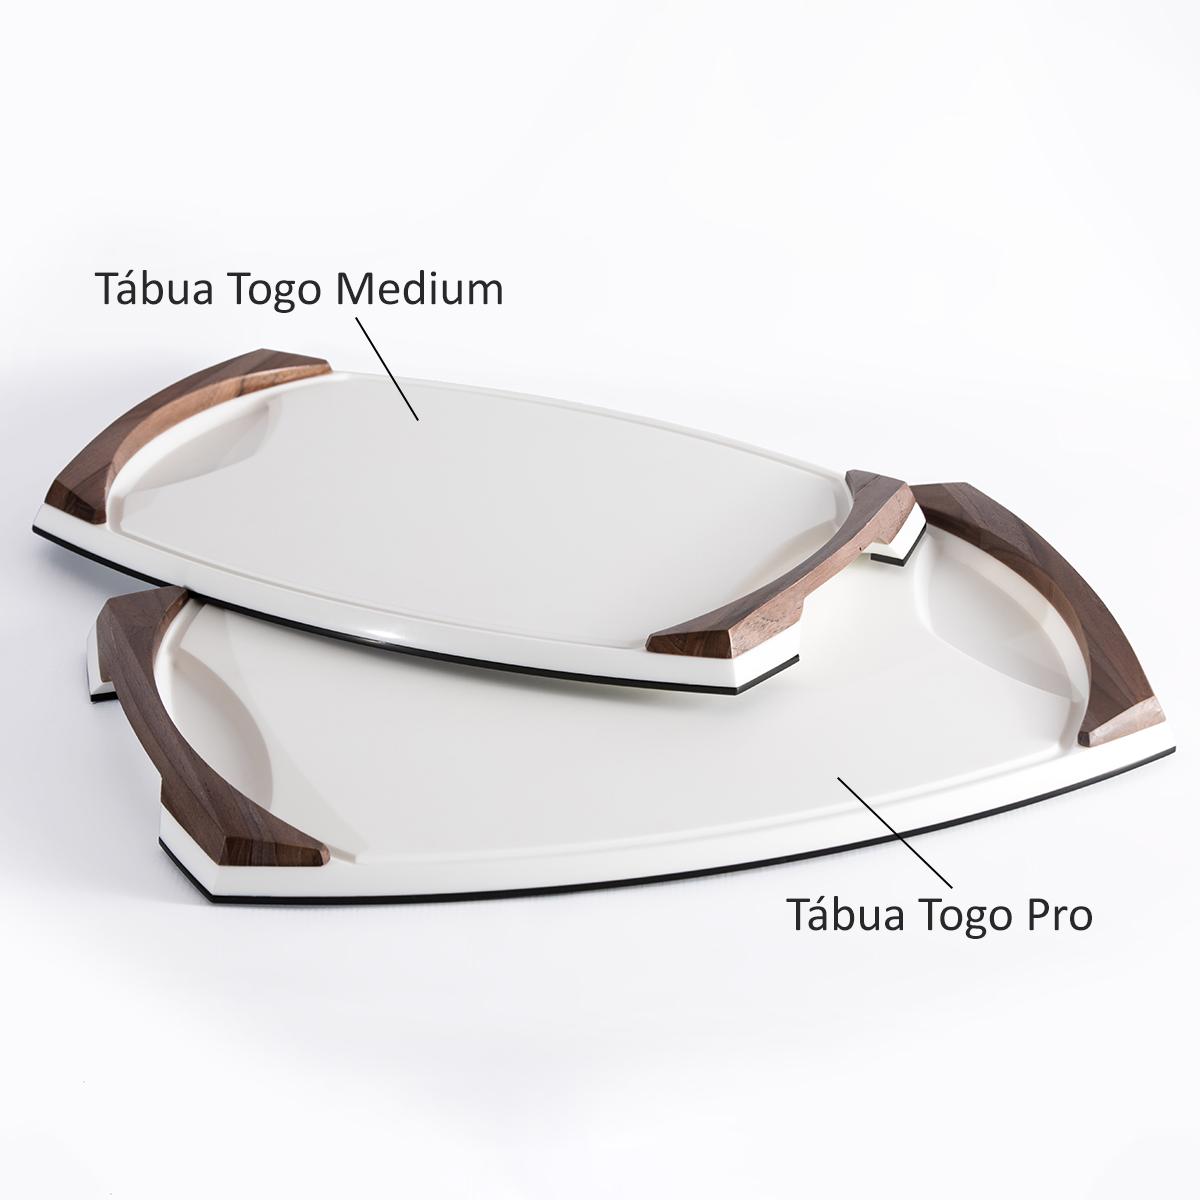 Tábua de Churrasco Togo White Pro